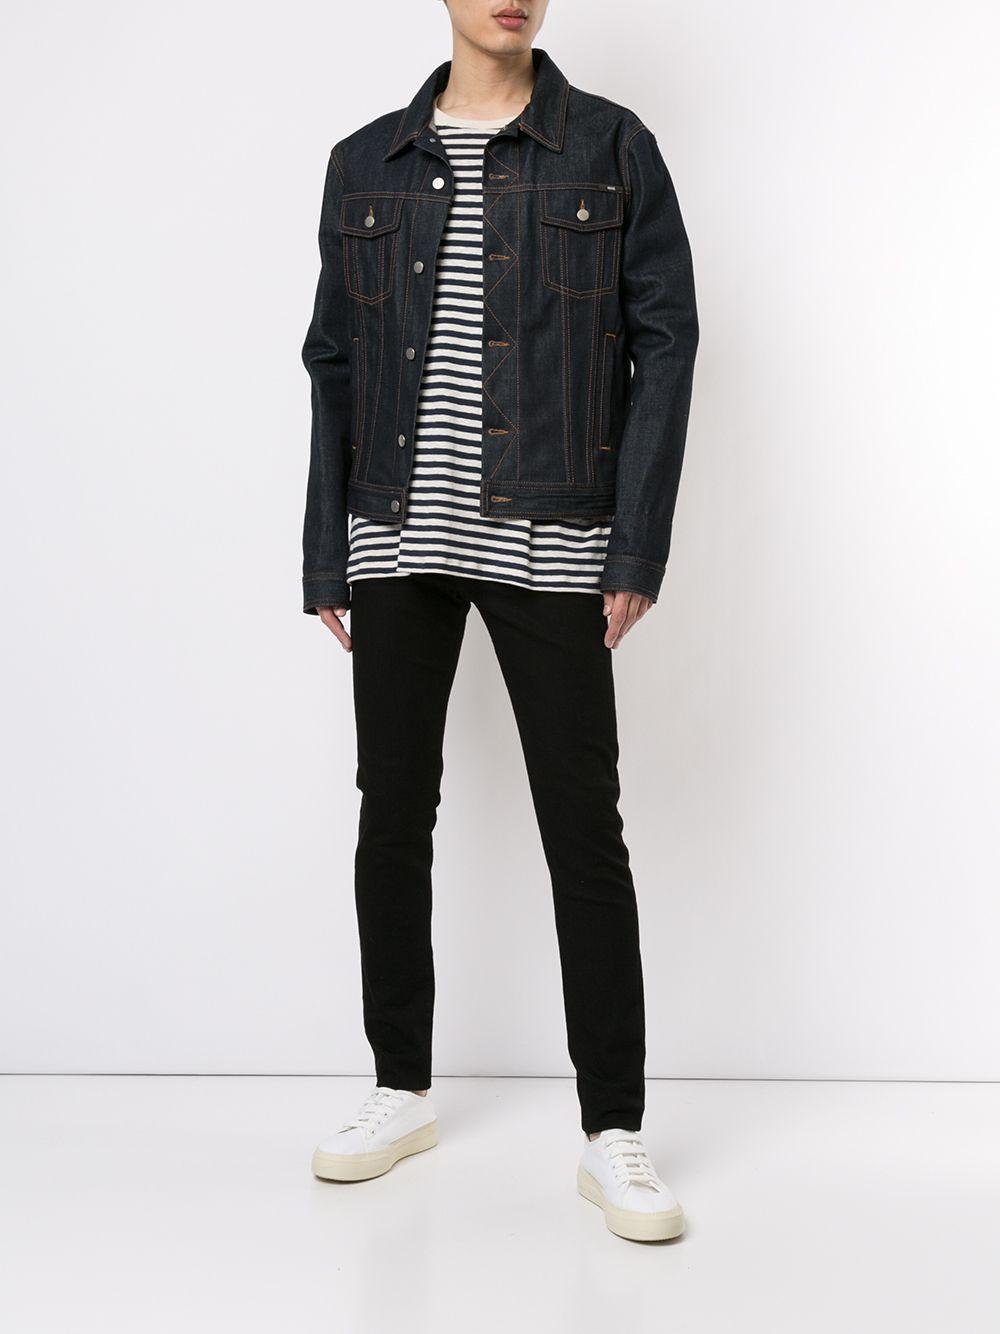 Picture of Frame Denim | Jagger Skinny Jeans